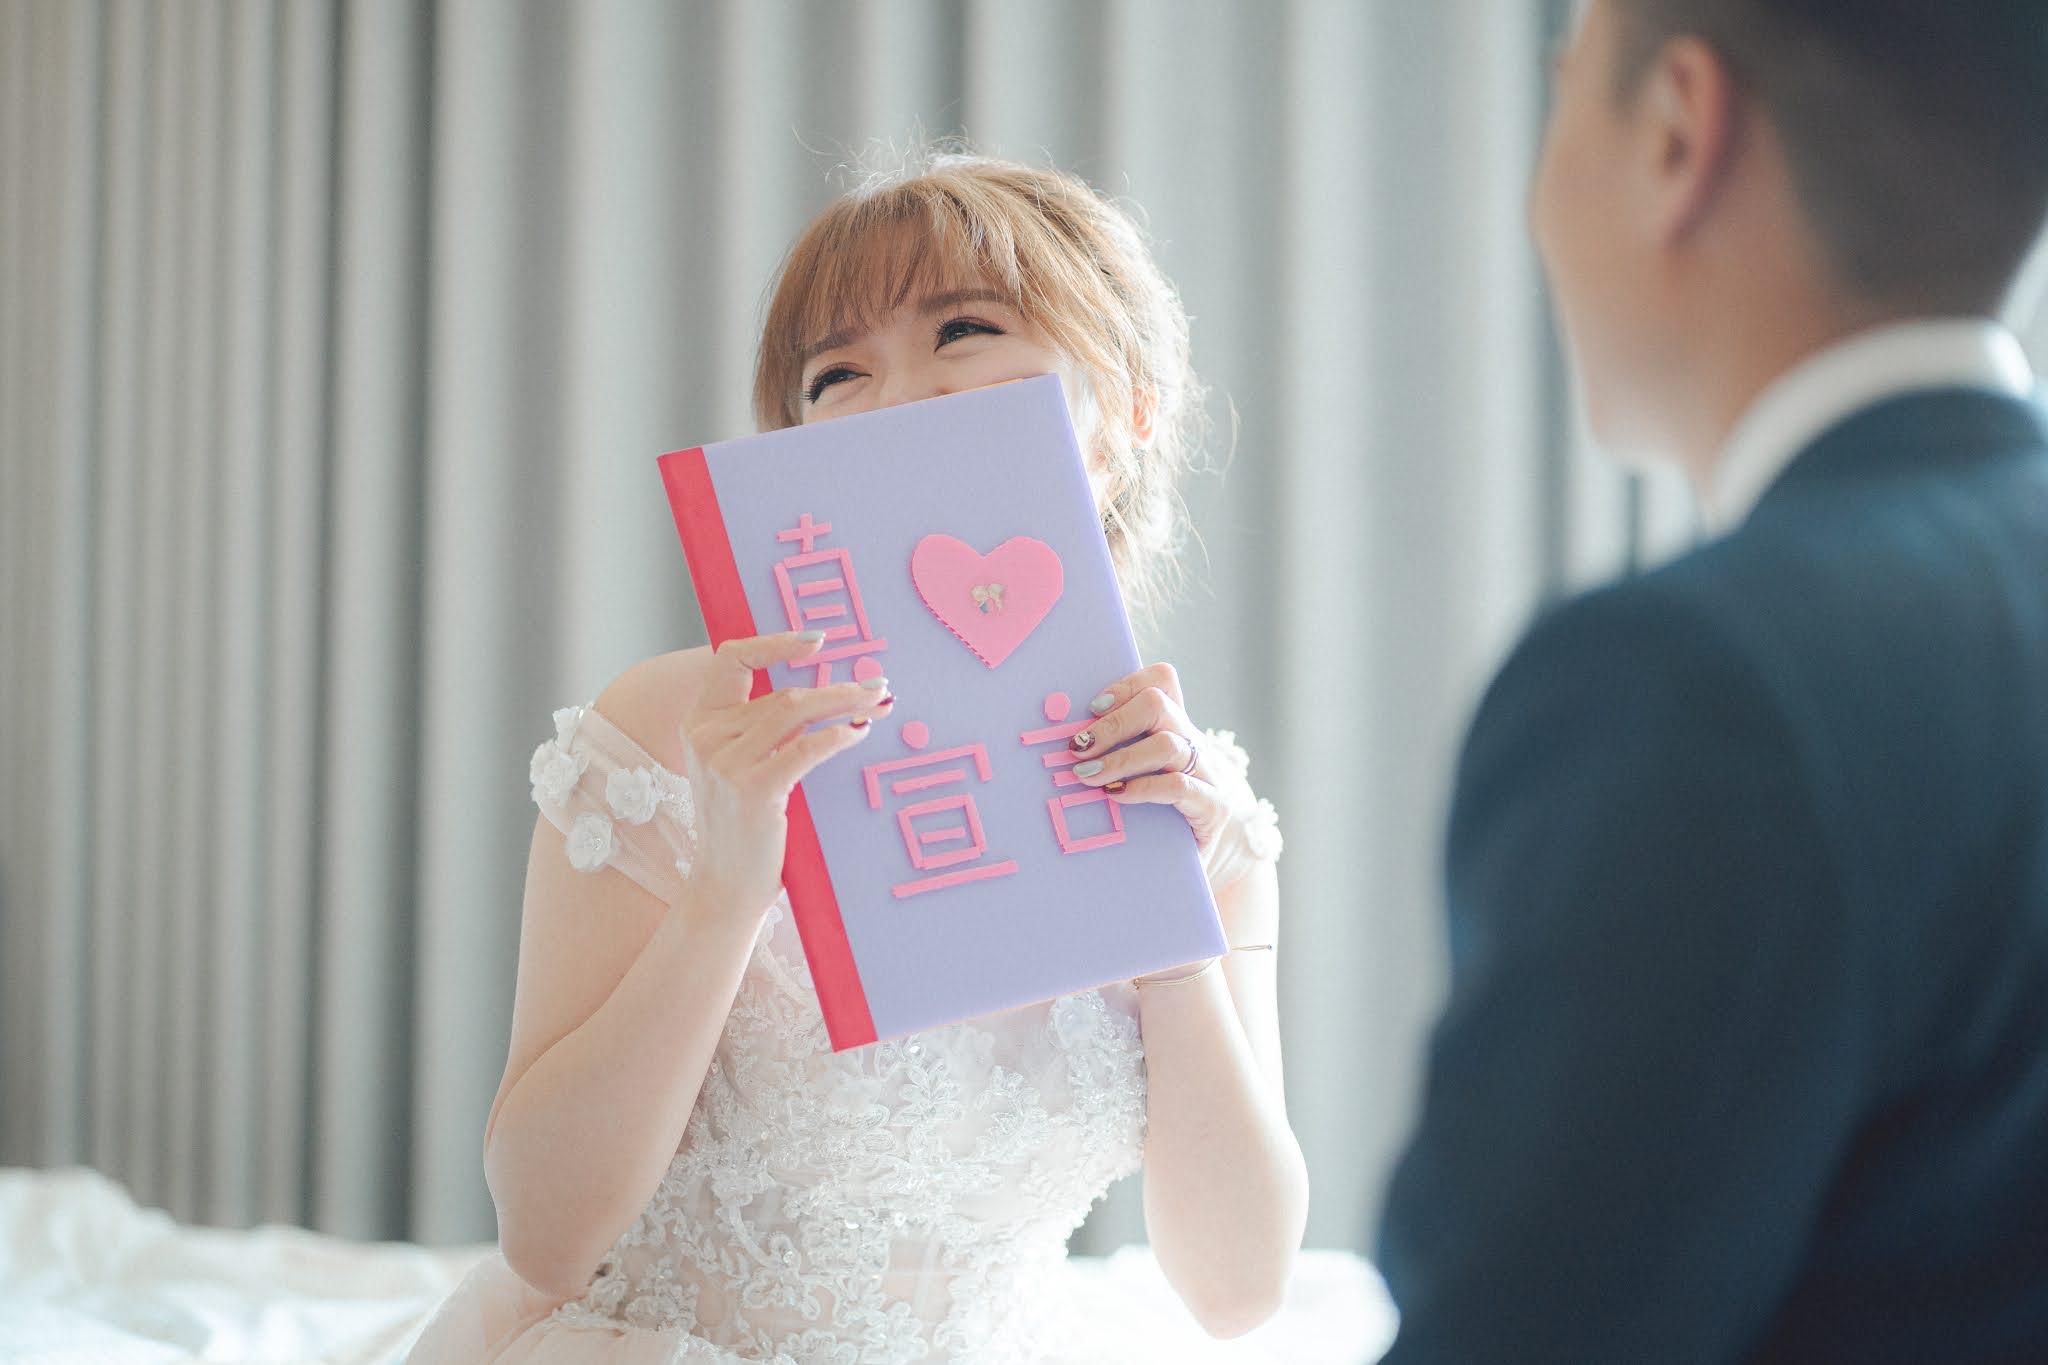 【婚禮紀實】婚攝小眼 - 子彙 & 亞儒 - 婚禮紀錄 @民權晶宴